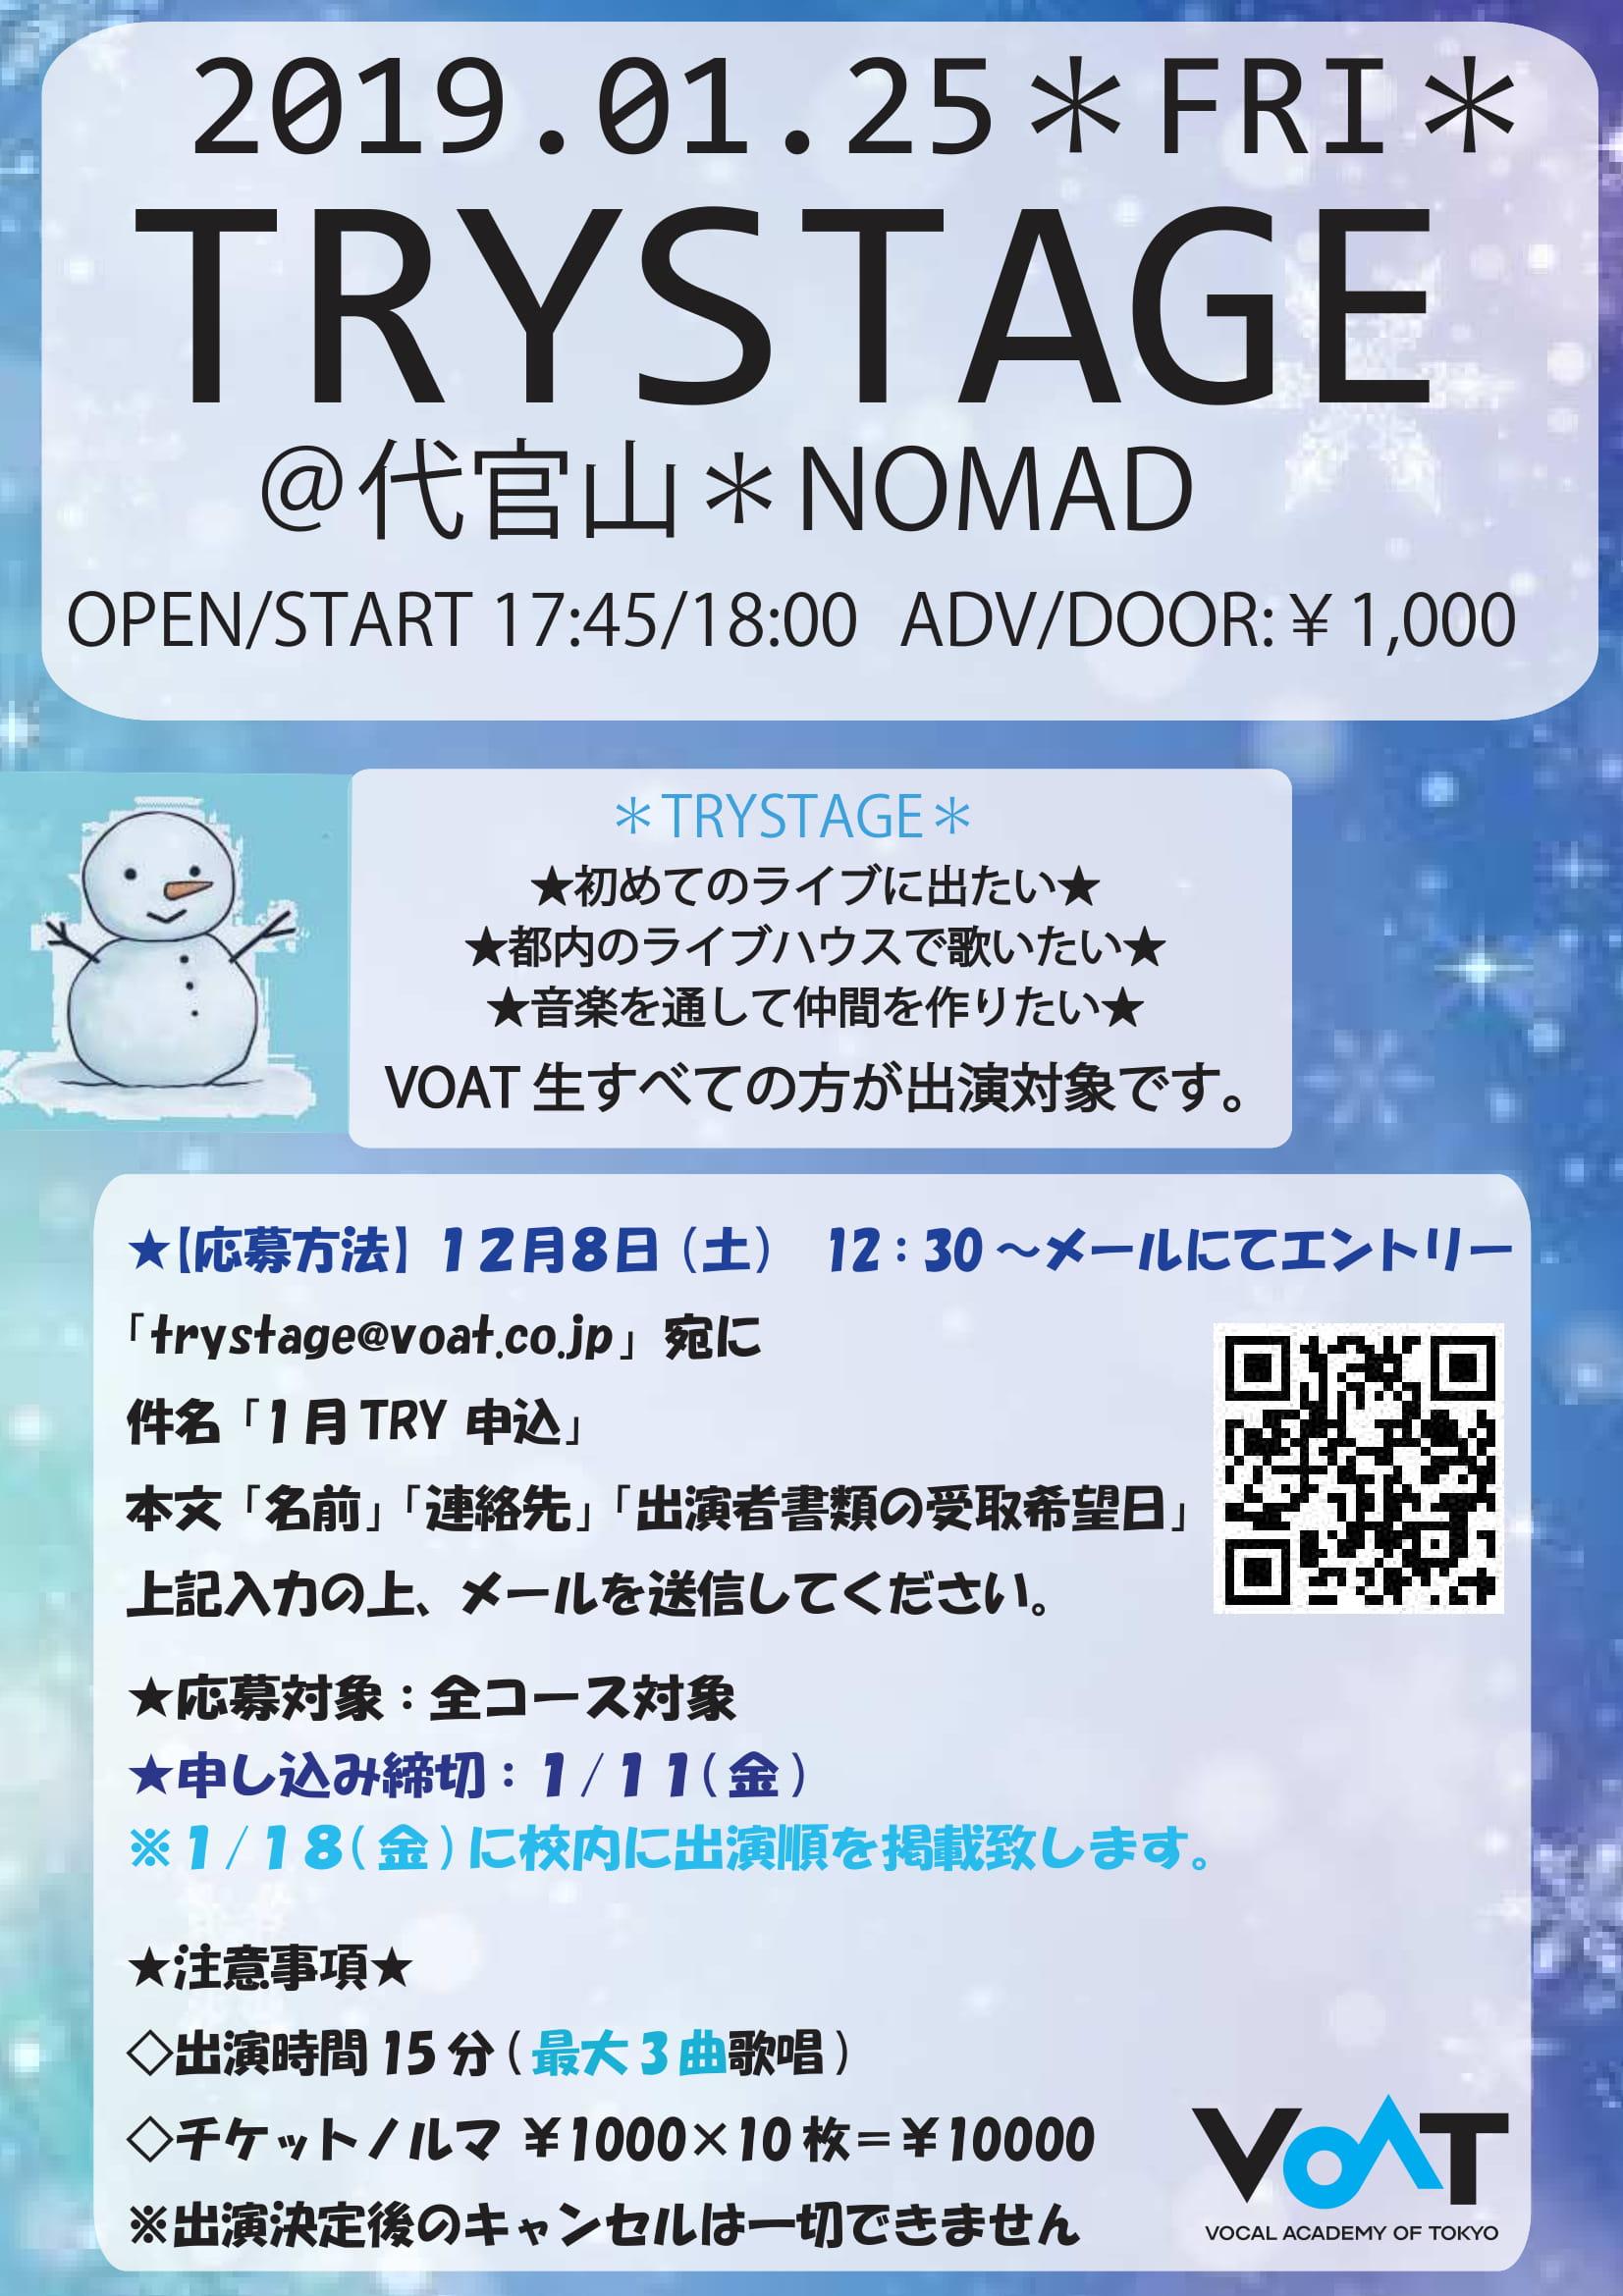 【東京】1/25(金)TRYSTAGEを開催します